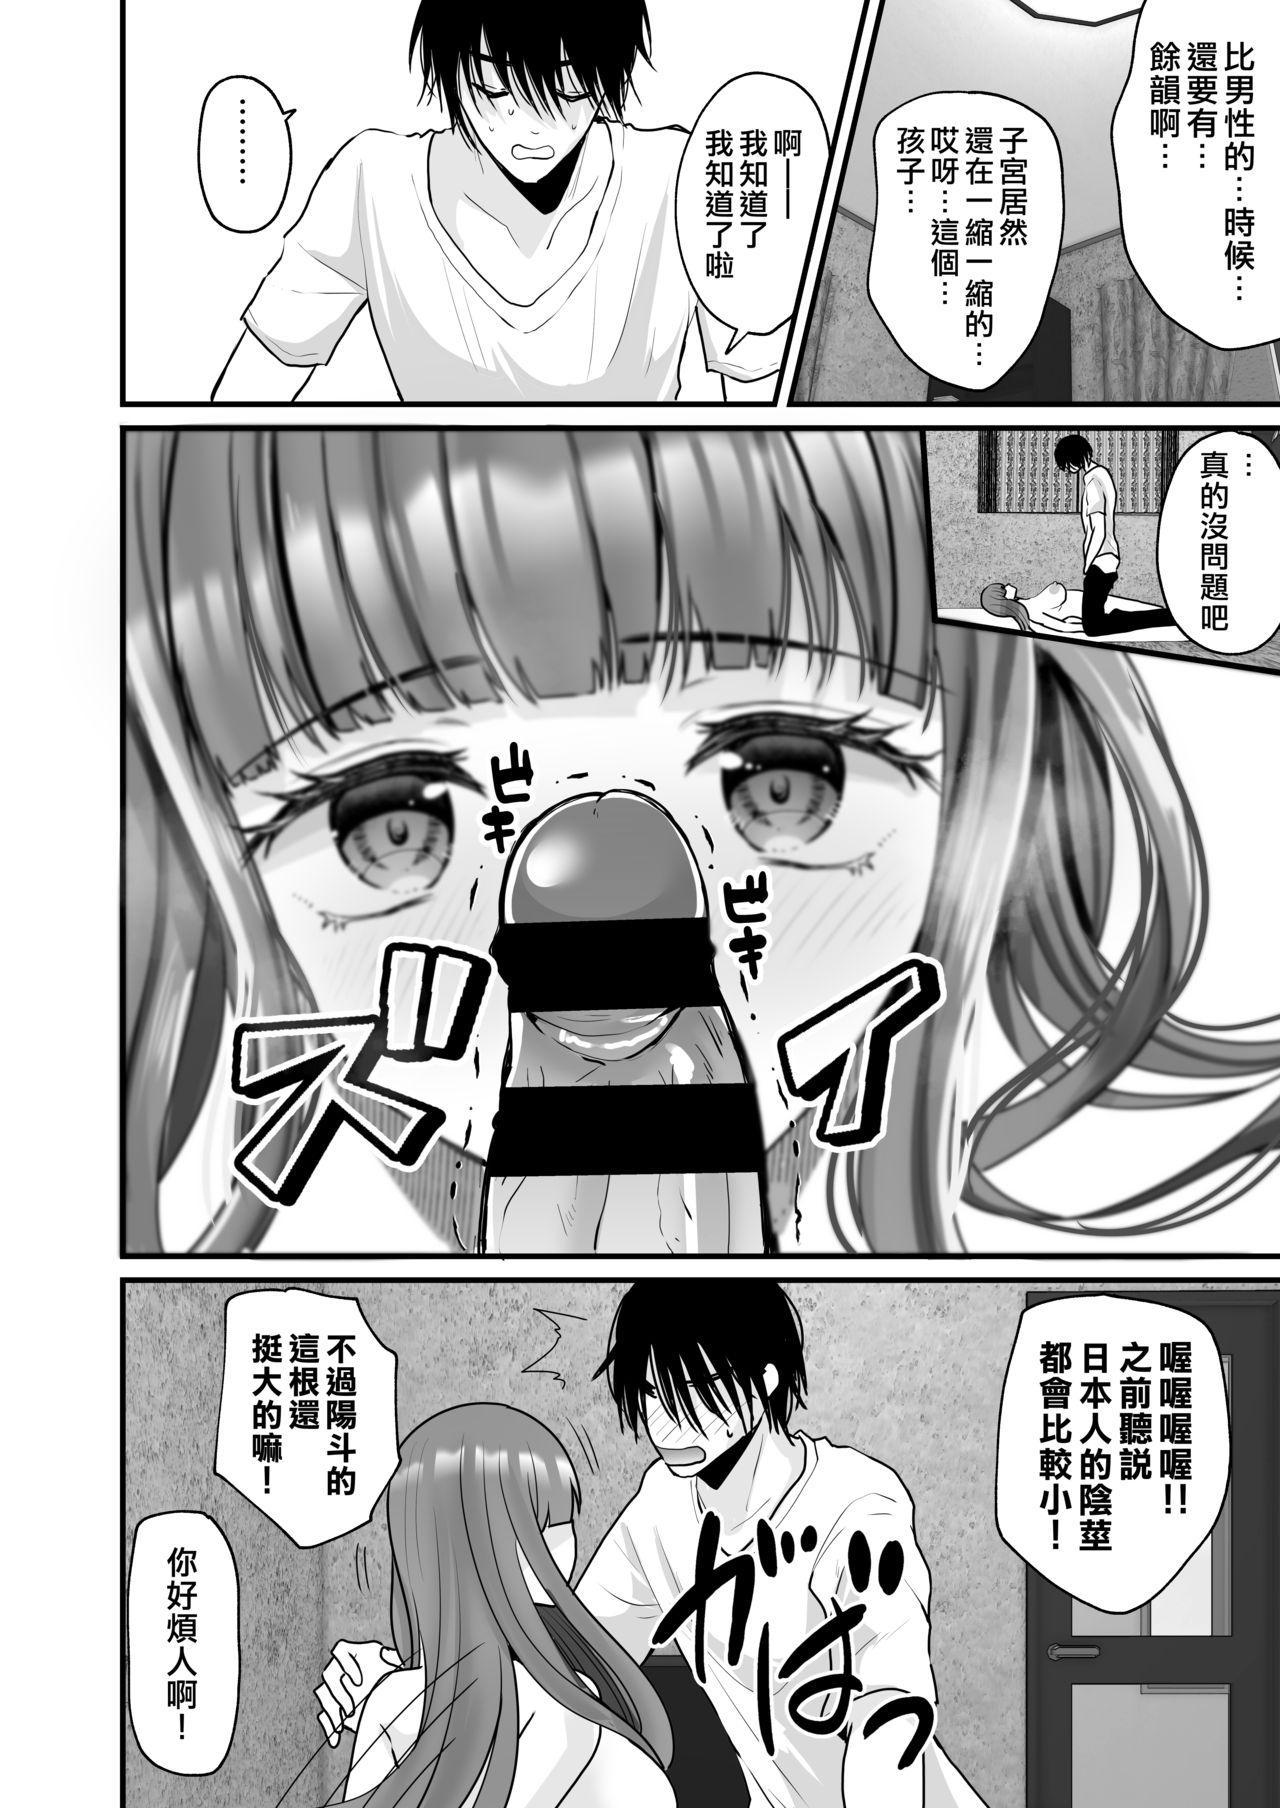 TS Ouji ga Yattekita! 22